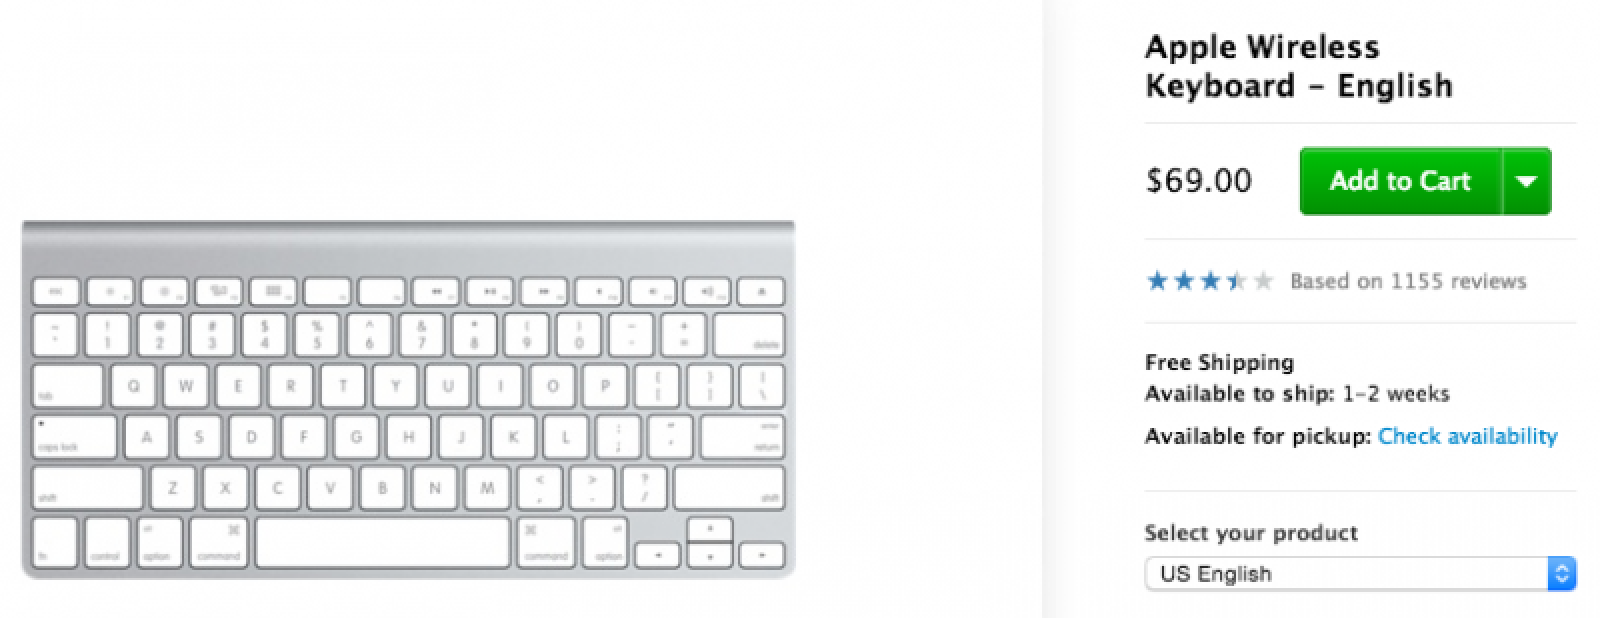 apple wireless keyboard now ships in 12 weeks new